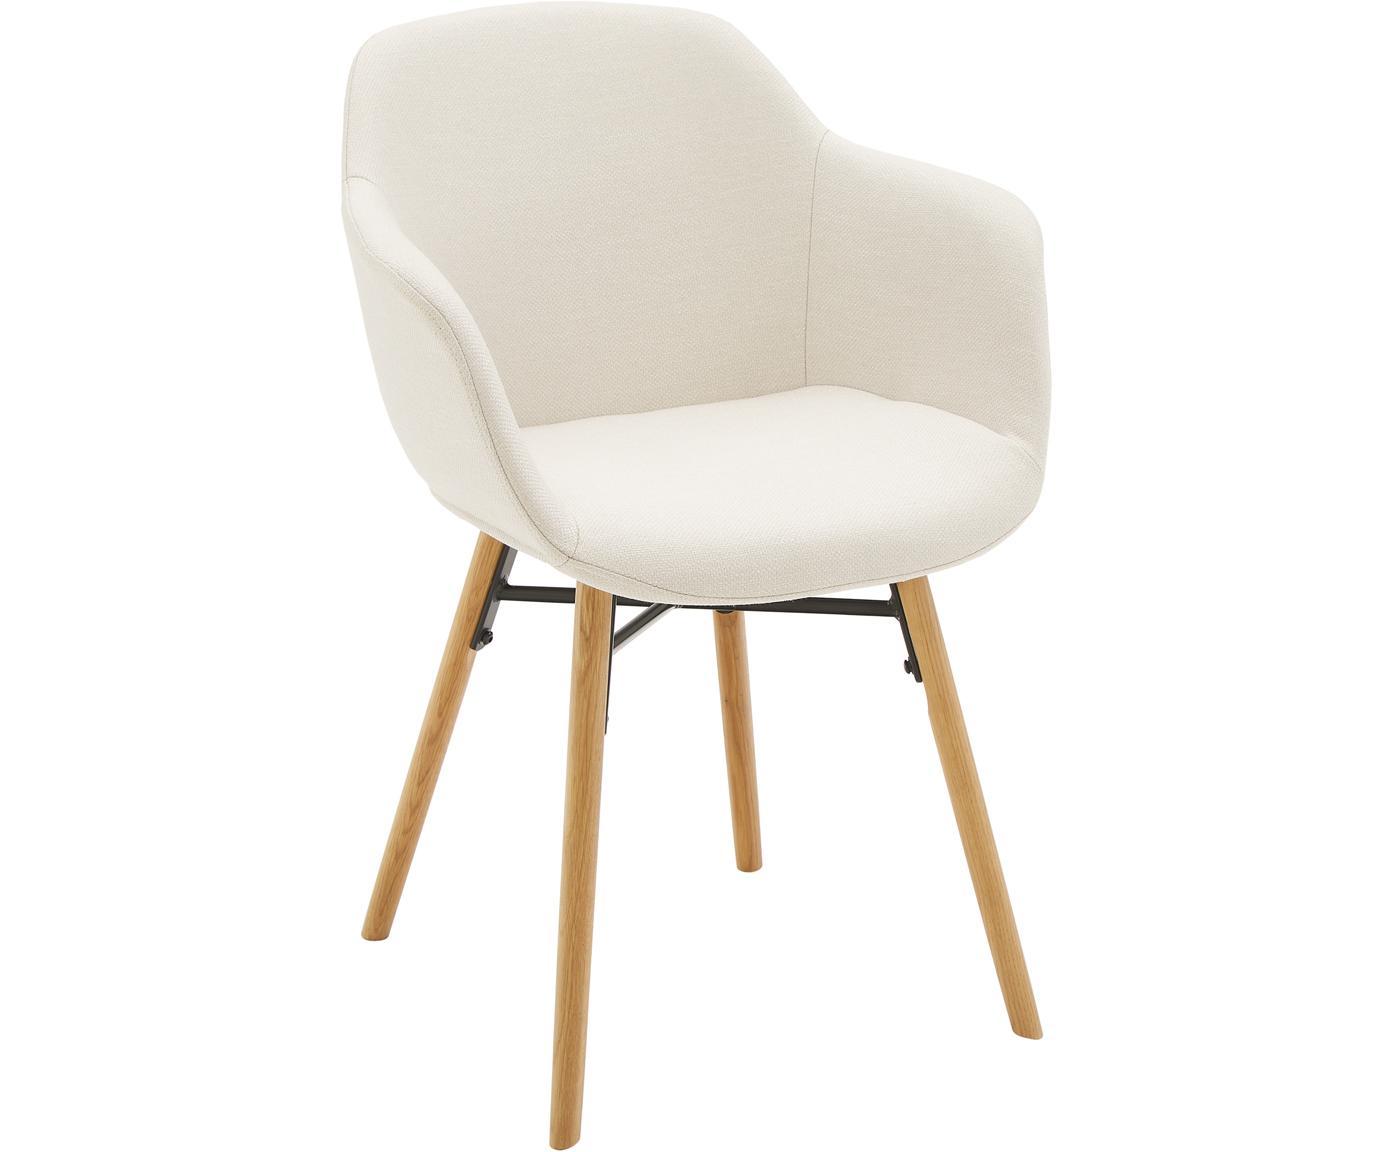 Armlehnstuhl Fiji mit Holzbeinen, Bezug: Polyester 40.000 scheuert, Beine: Massives Eichenholz, Sitzschale: Cremeweiß Beine: Eichenholz, B 59 x T 55 cm